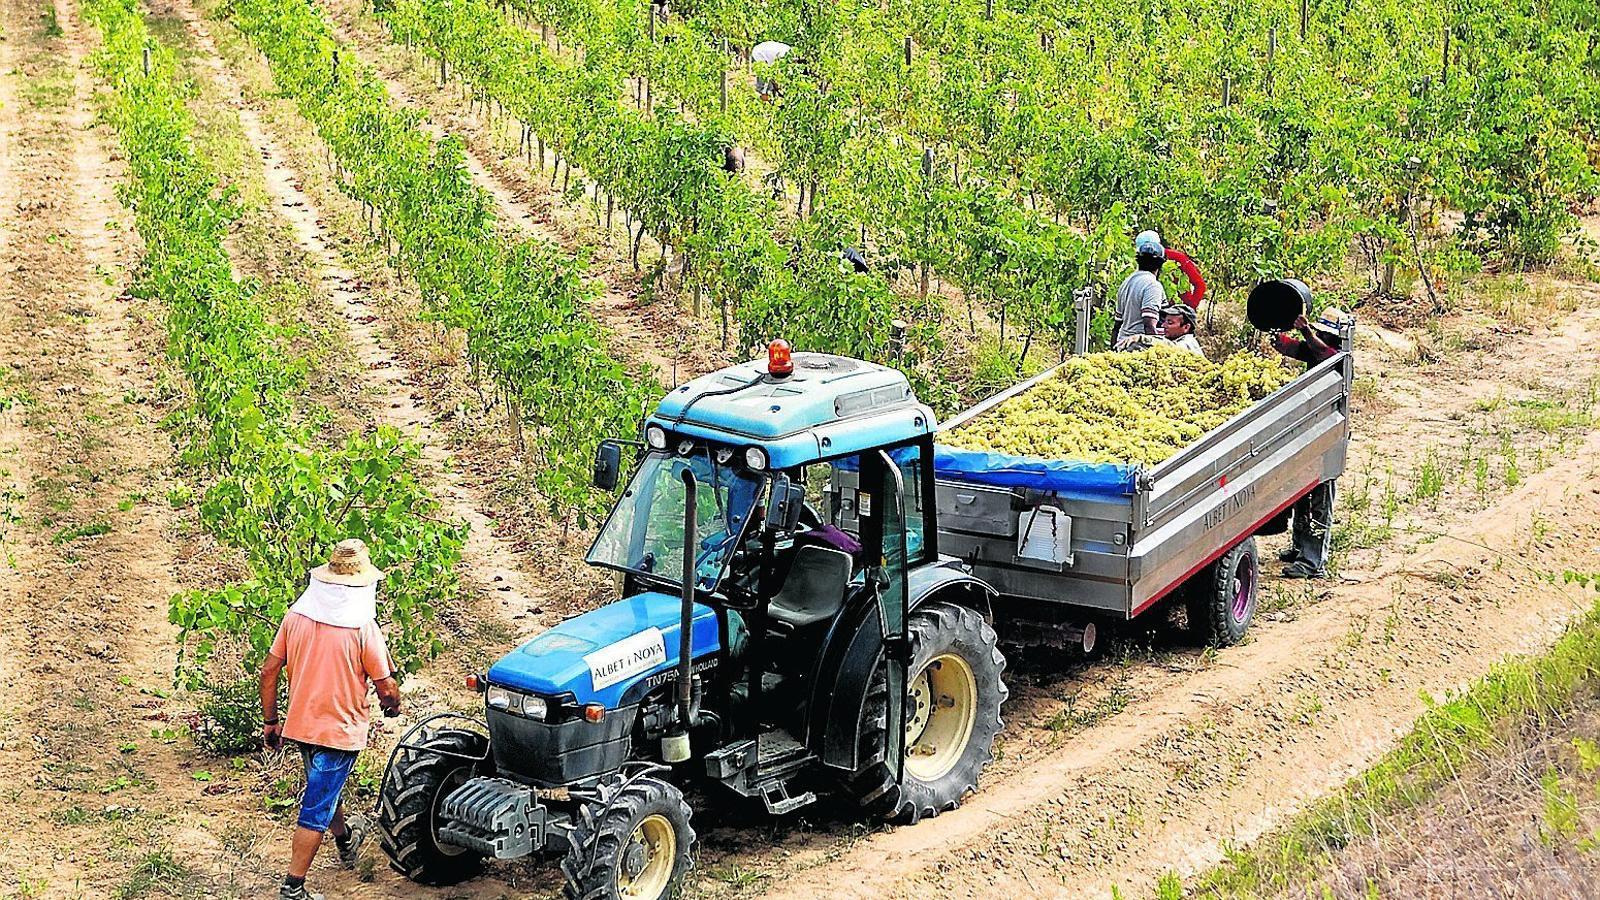 LES HECTÀREES DE CULTIUS ECOLÒGICS CONTINUEN CREIXENT  La superfície ecològica de Catalunya està dominada per la vinya -com aquests terrenys al Penedès-, que suposen actualment 5.300 hectàrees. El creixement de la vinya ecològica ha tingut un gran impacte en aquest sector. Durant l'exercici del 2011, el nombre de cellers va créixer un 25%.